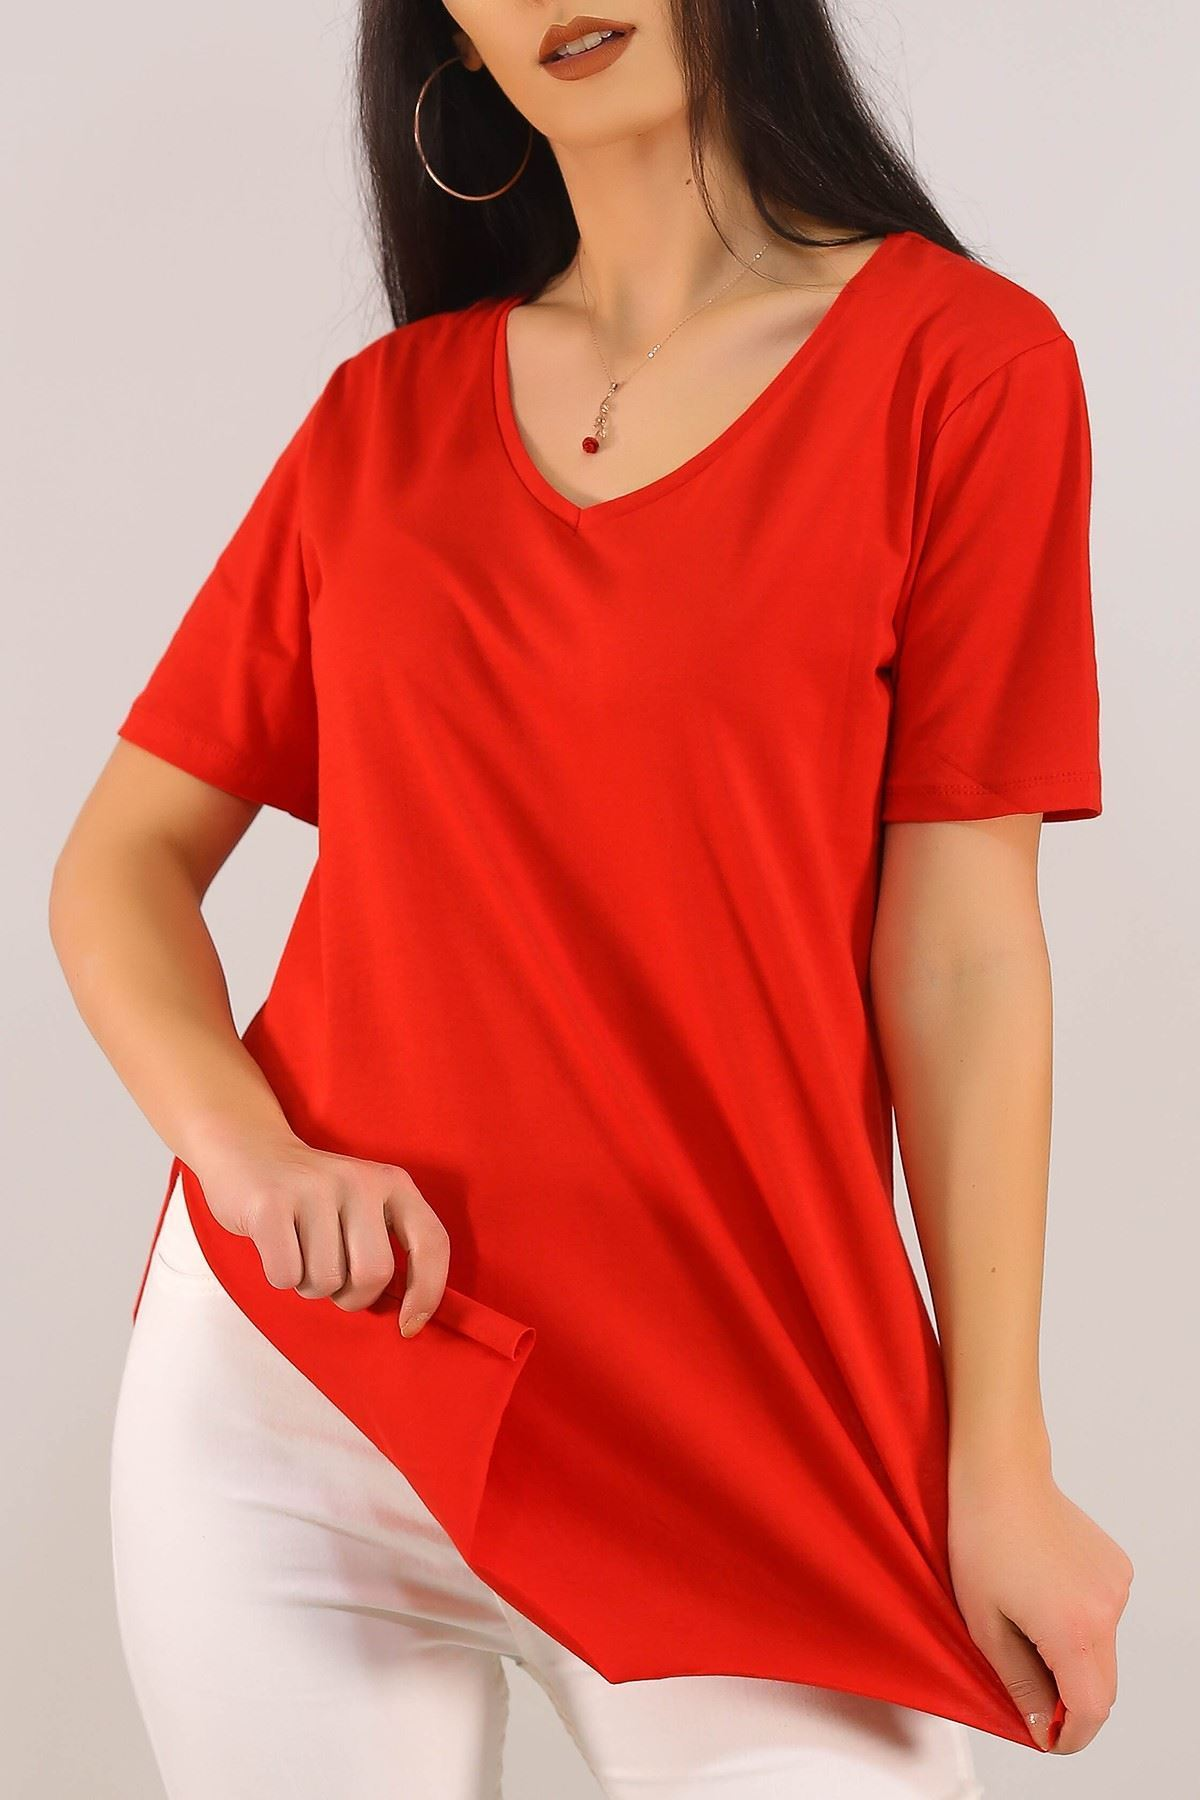 Penye Tunik Tişört Kırmızı - 1062.275.